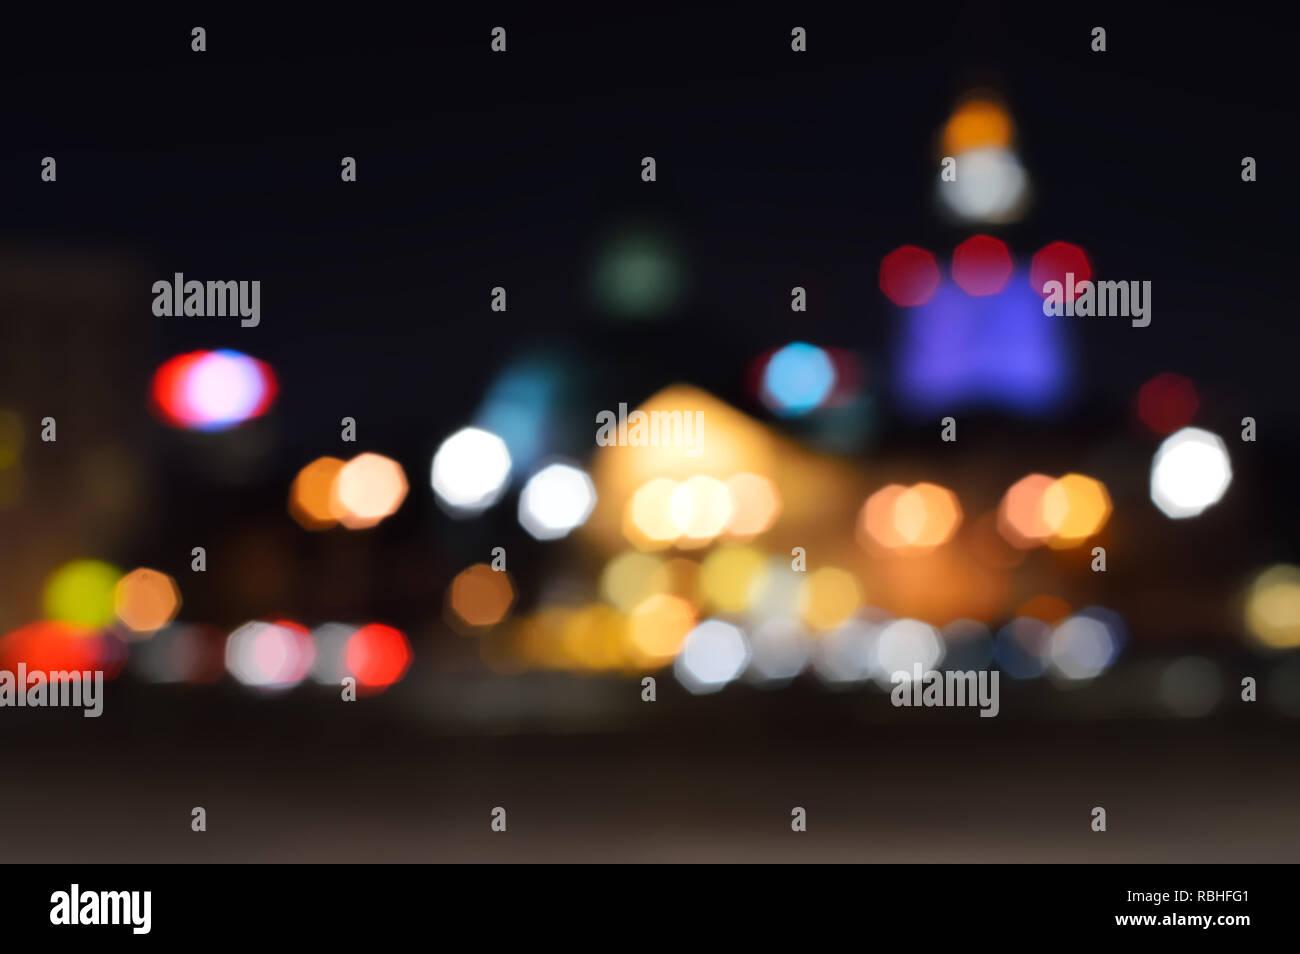 Blur lichter Stadtbild in der Nacht für einen Hintergrund. Bokeh defokussierten Nacht Lichter in einer Stadt, Warschau. Stockfoto